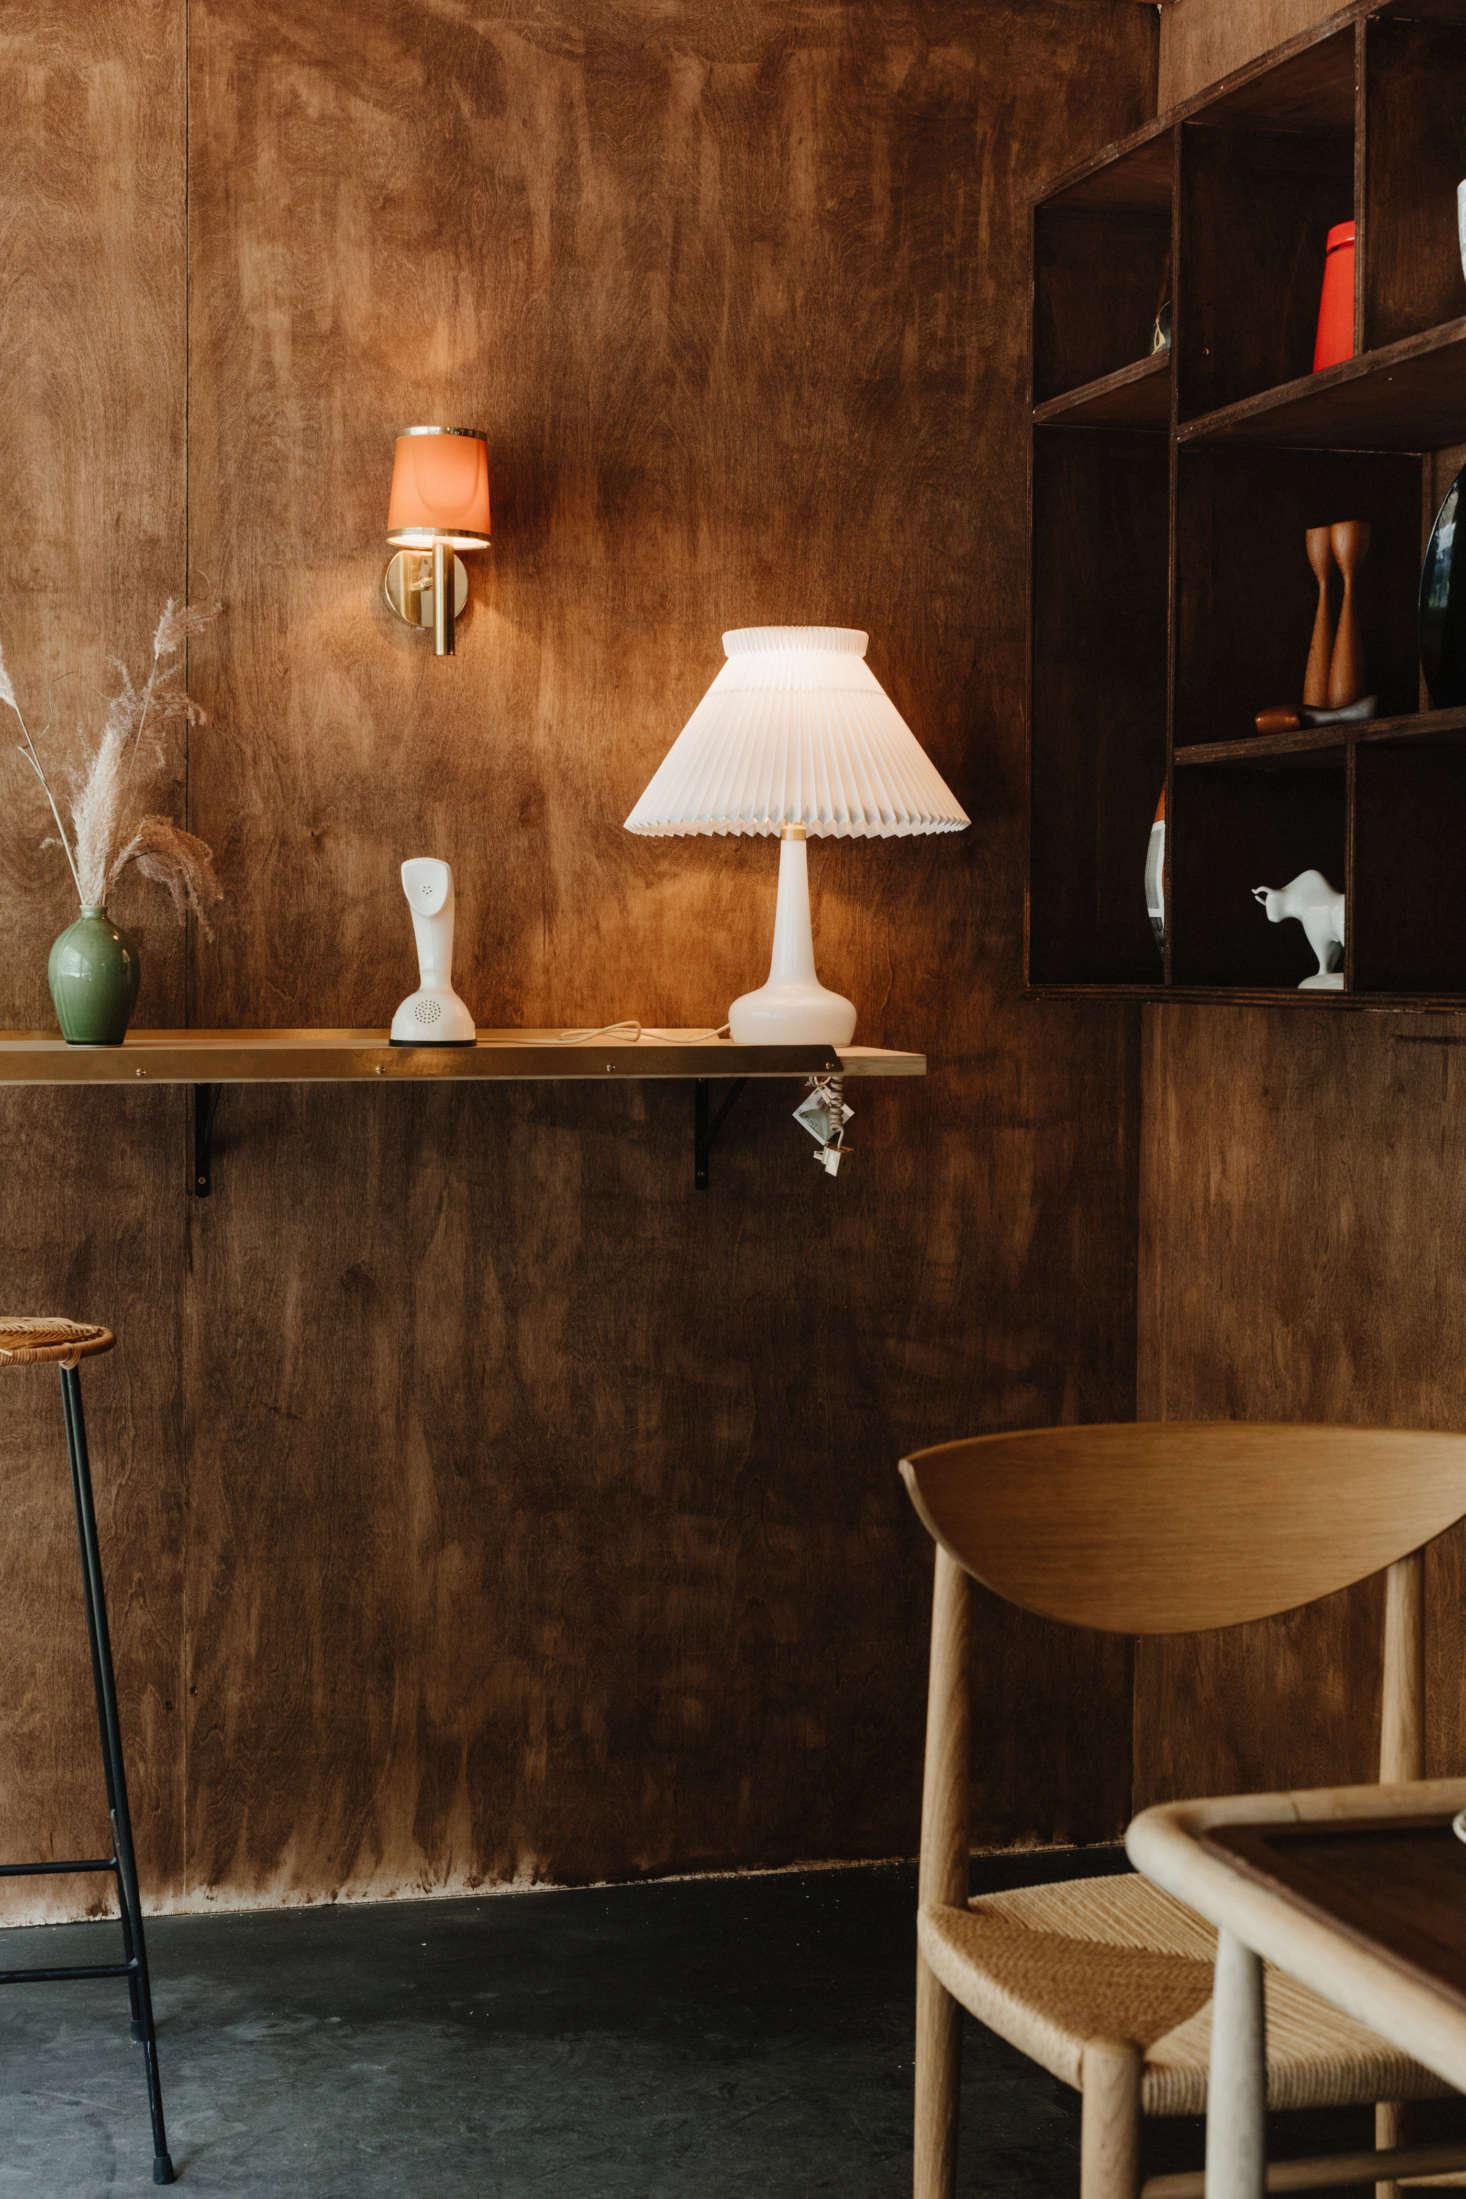 Na prateleira: um abajur Le Klint com base em vidro da Holmegaard.  Também é retratado um Cobra Phone vintage da Suécia e um vaso de cerâmica canadense de meados do século com vidros verdes.